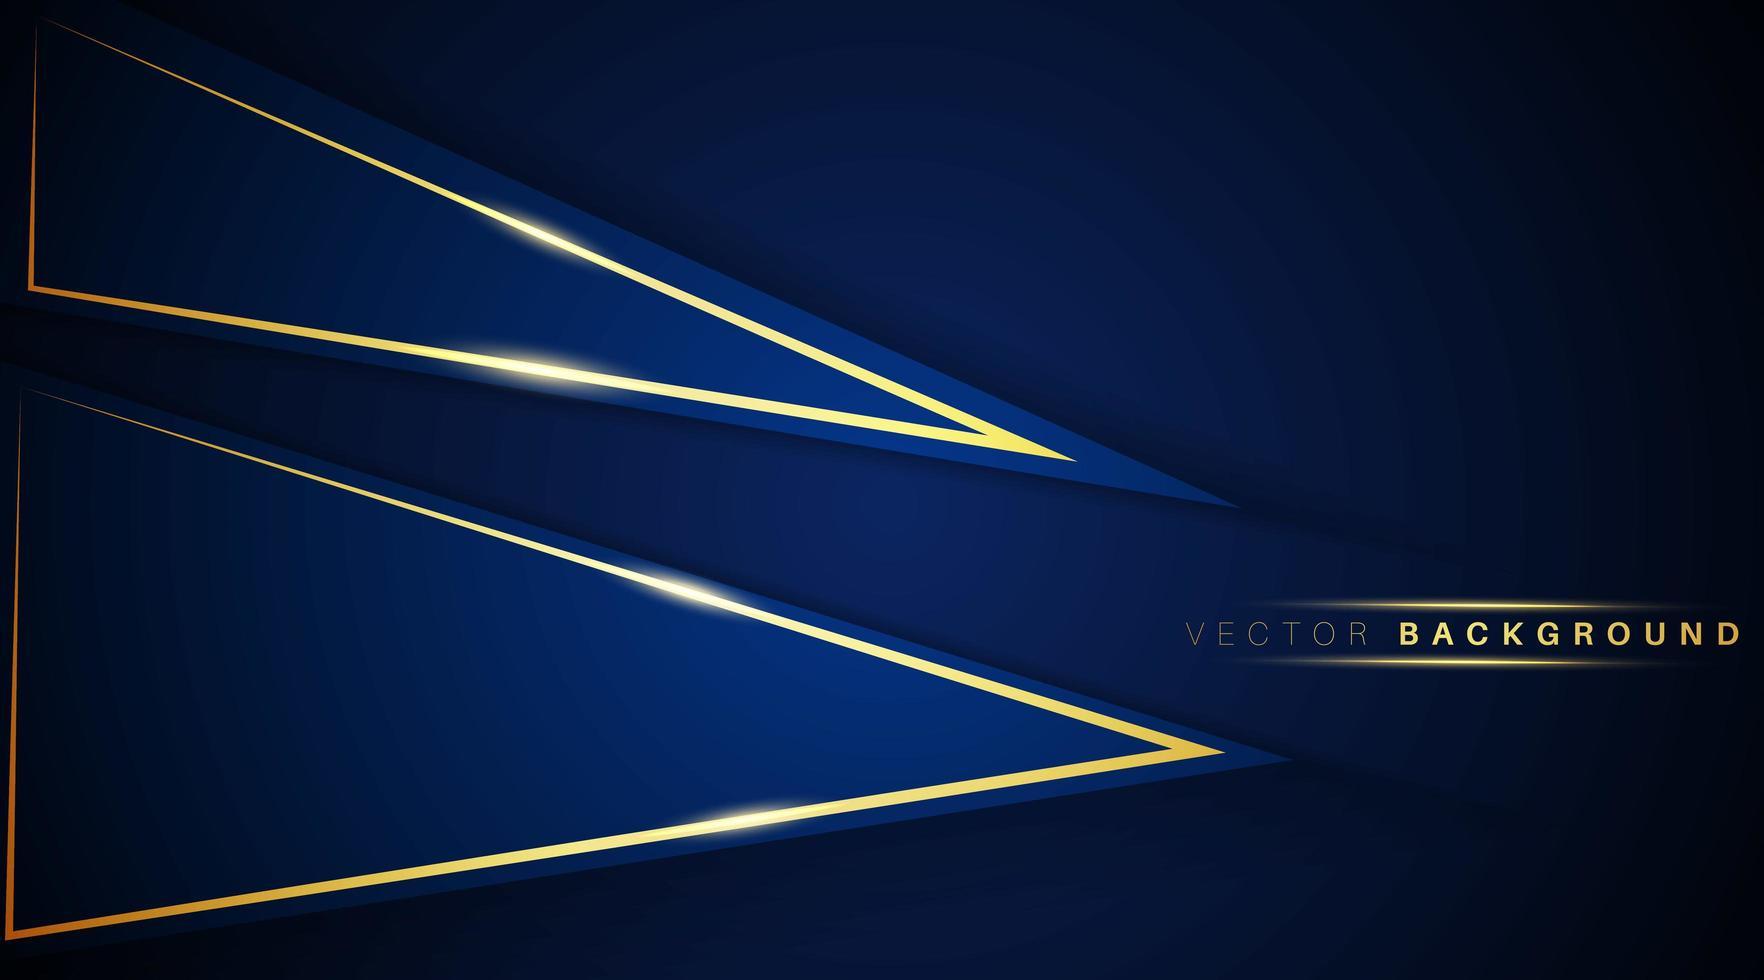 triangle qui se chevauchent forme bleu foncé avec fond effet de lumière or vecteur